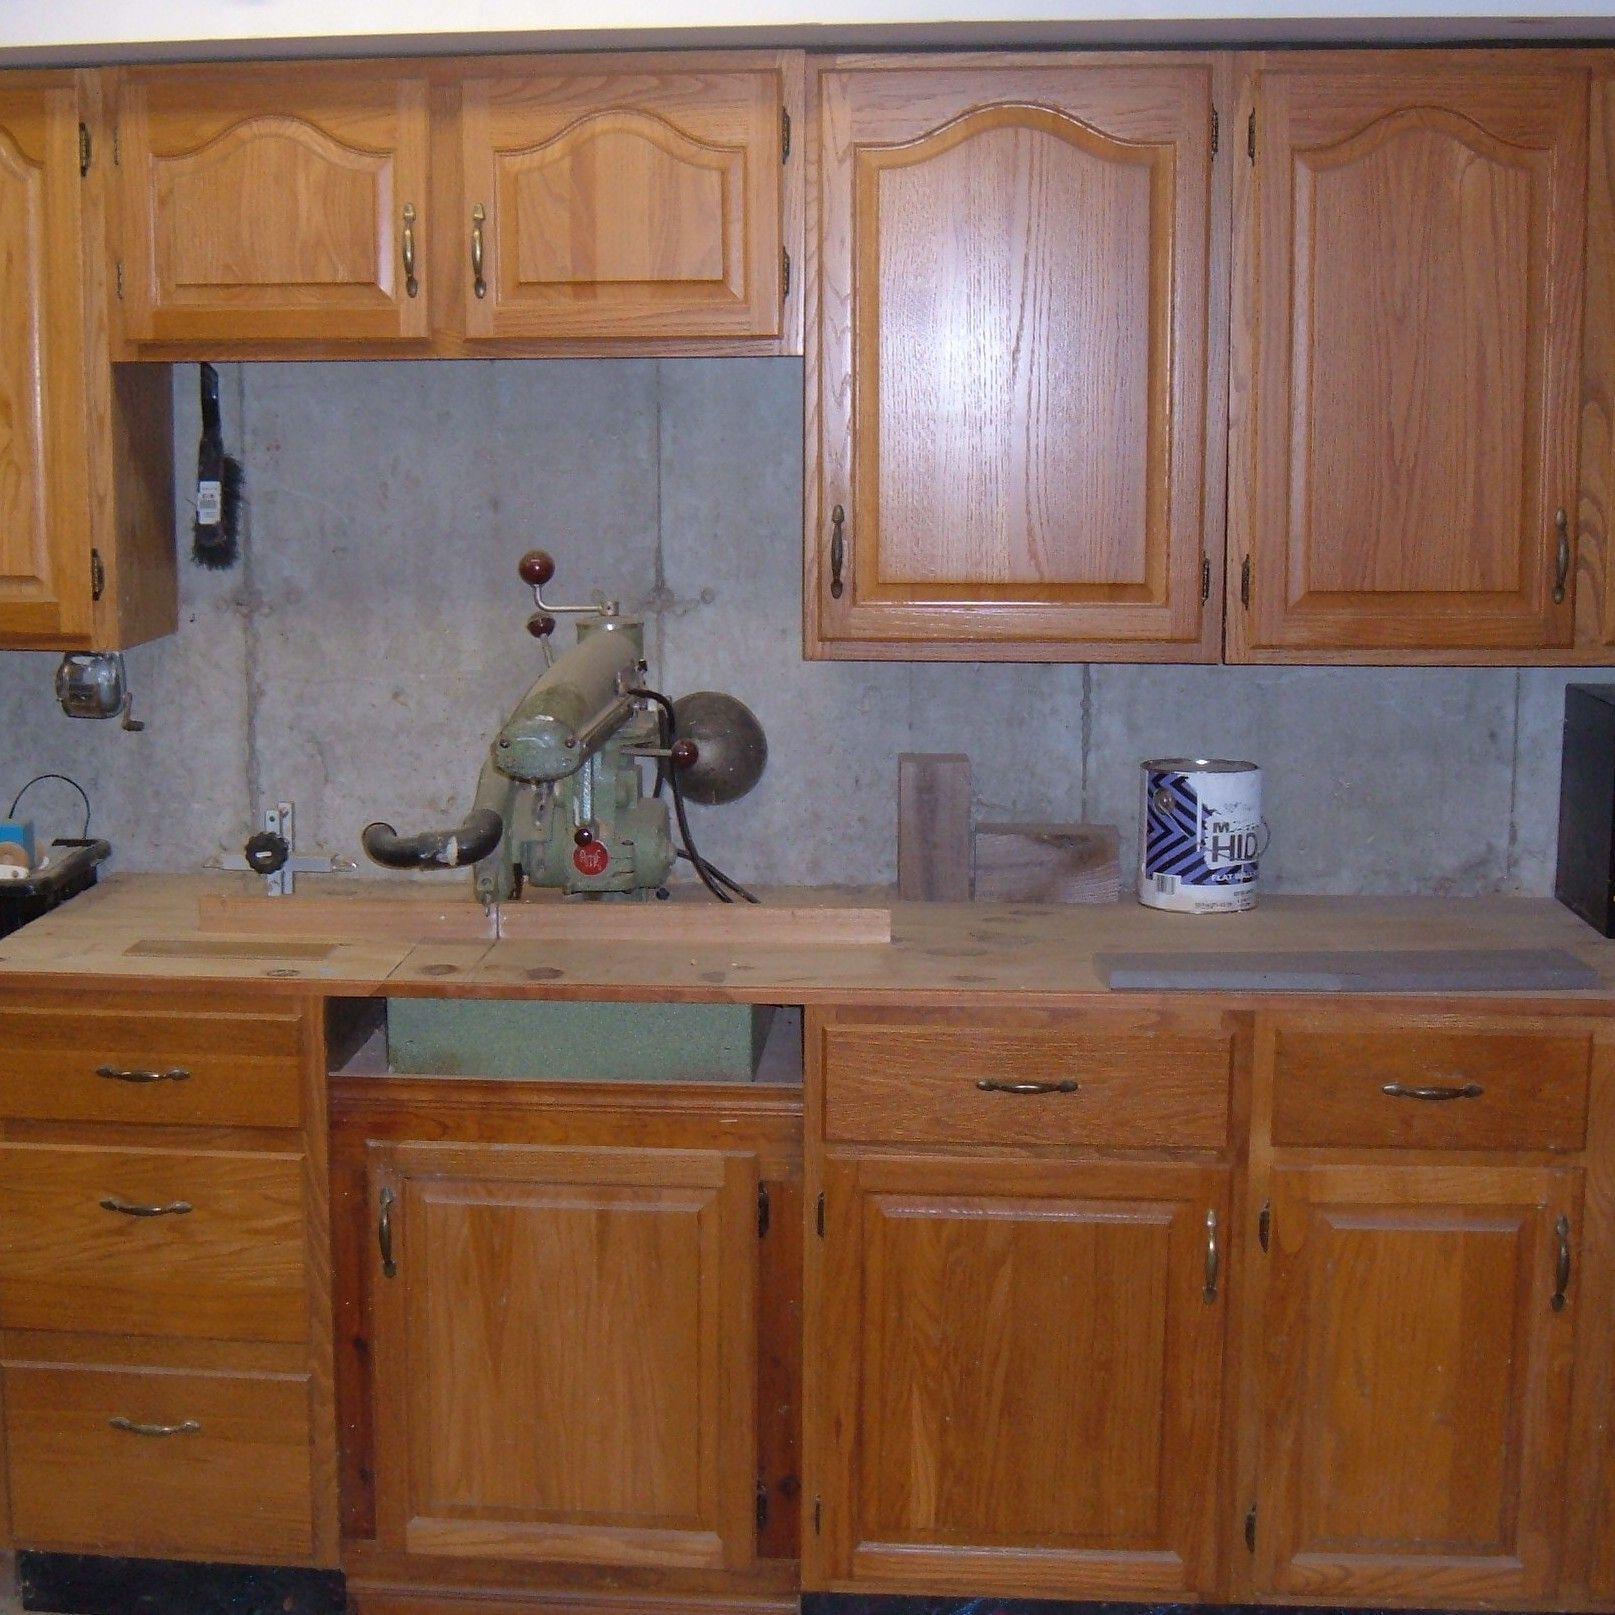 Kitchen Cabinets In Garage Garage Storage Units Diy Garage Storage Cabinets Recycled In 2020 Garage Storage Units Kitchen Cabinets In Garage Recycled Kitchen